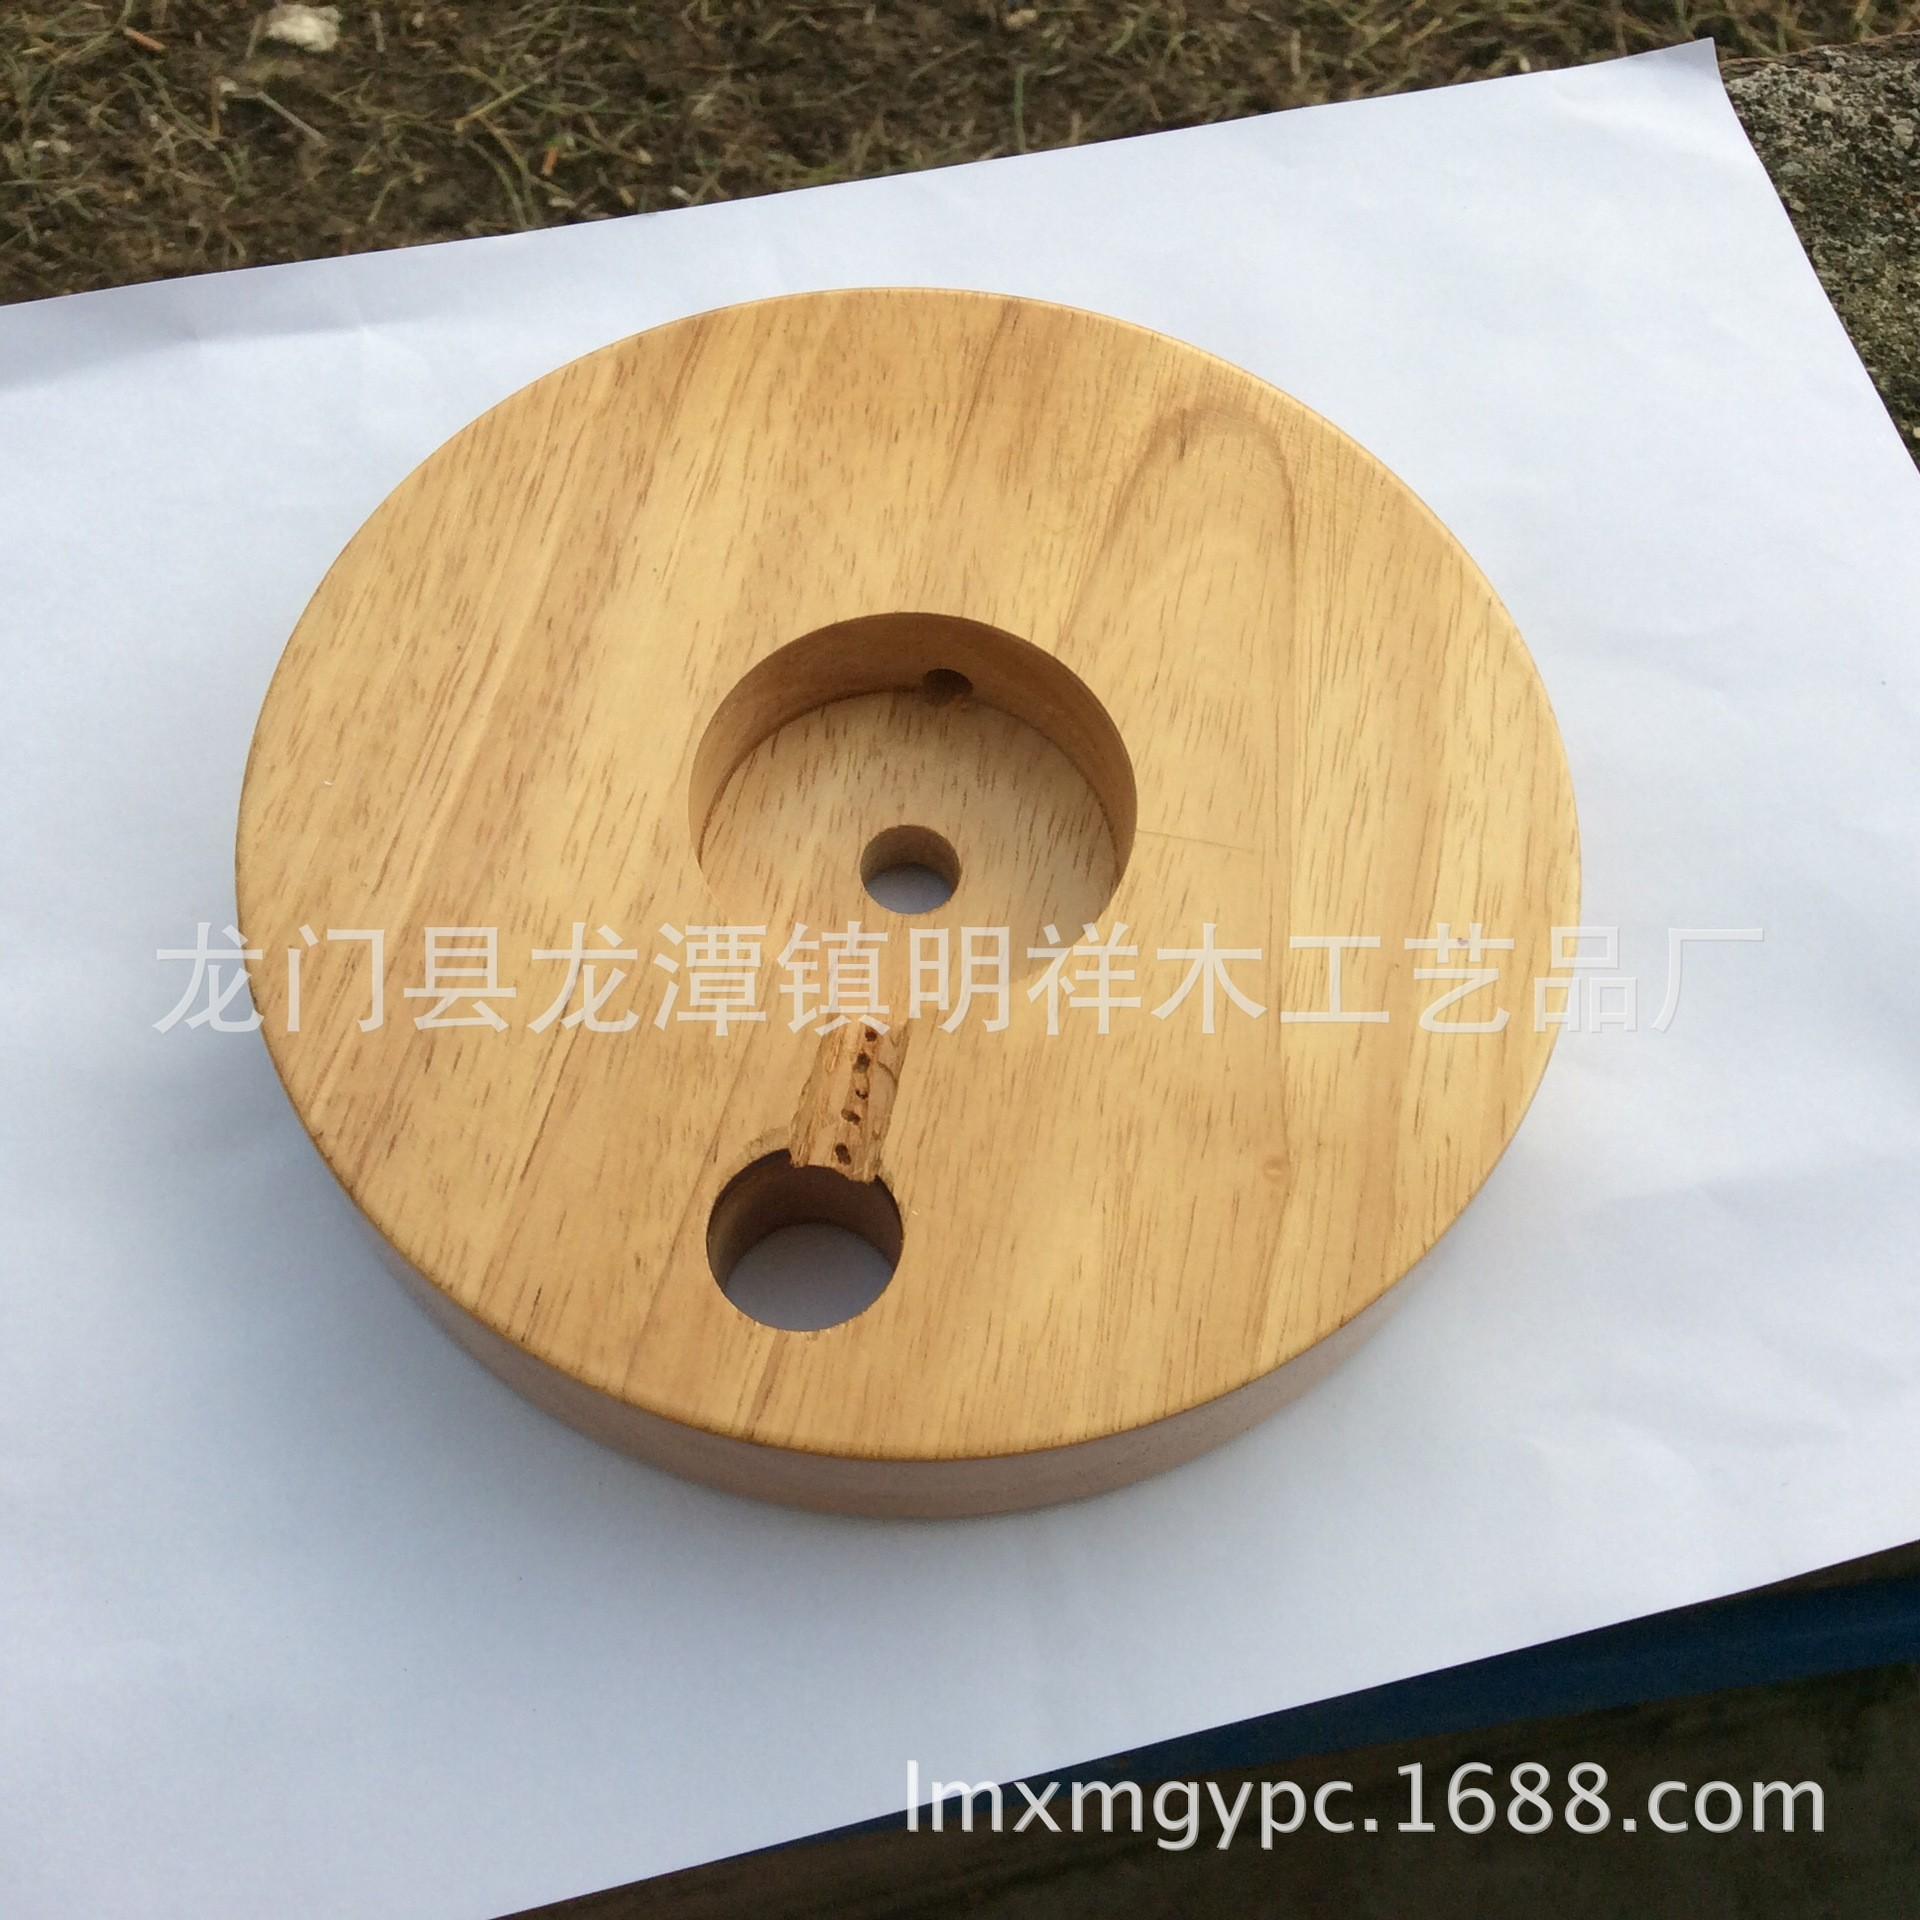 原木圆形灯饰配件 灯具木配件 可定制 灯具配件